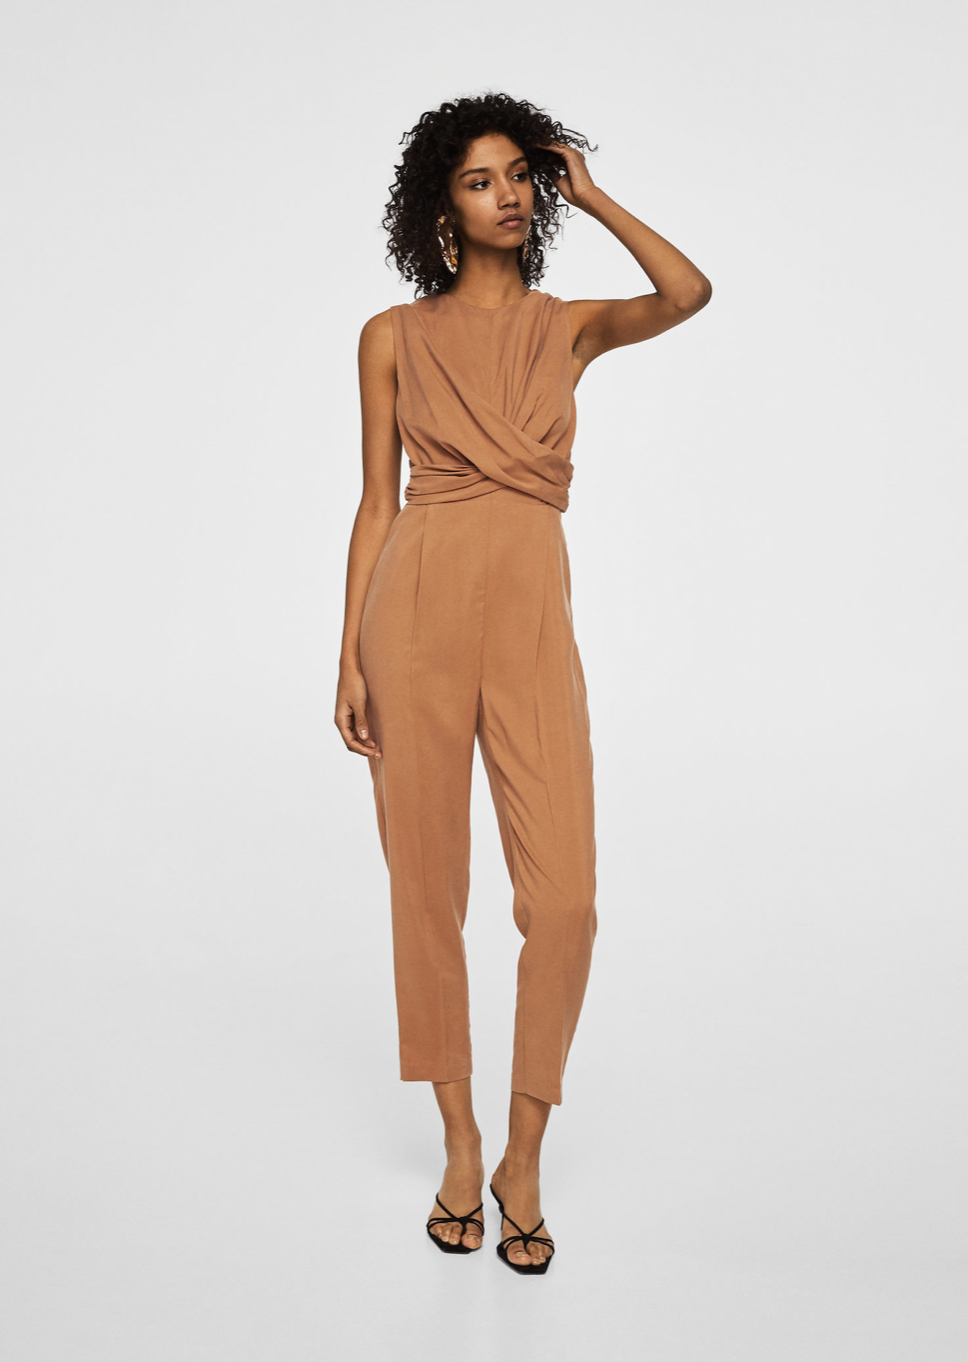 wrap neckline jumpsuit –$99.99